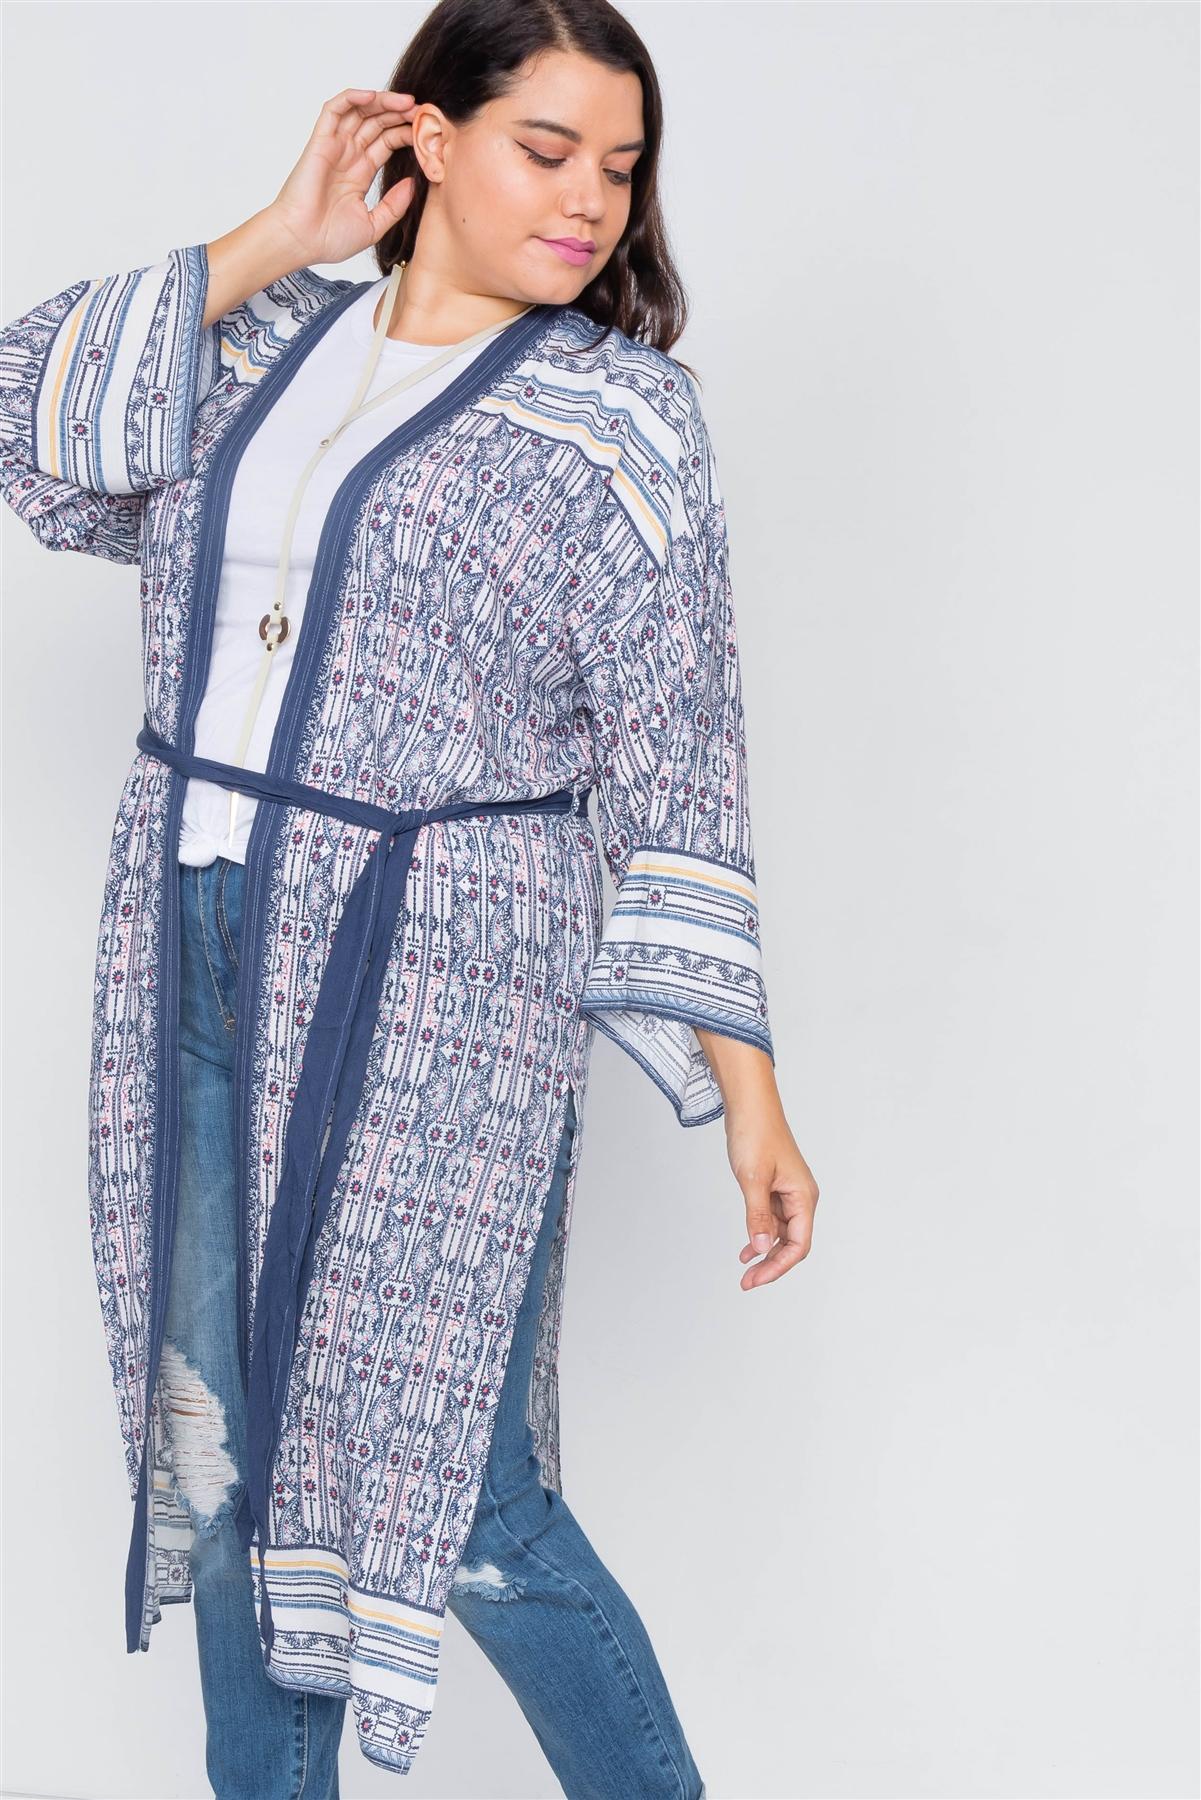 White Navy & Pink Festival boho Print Maxi Kimono